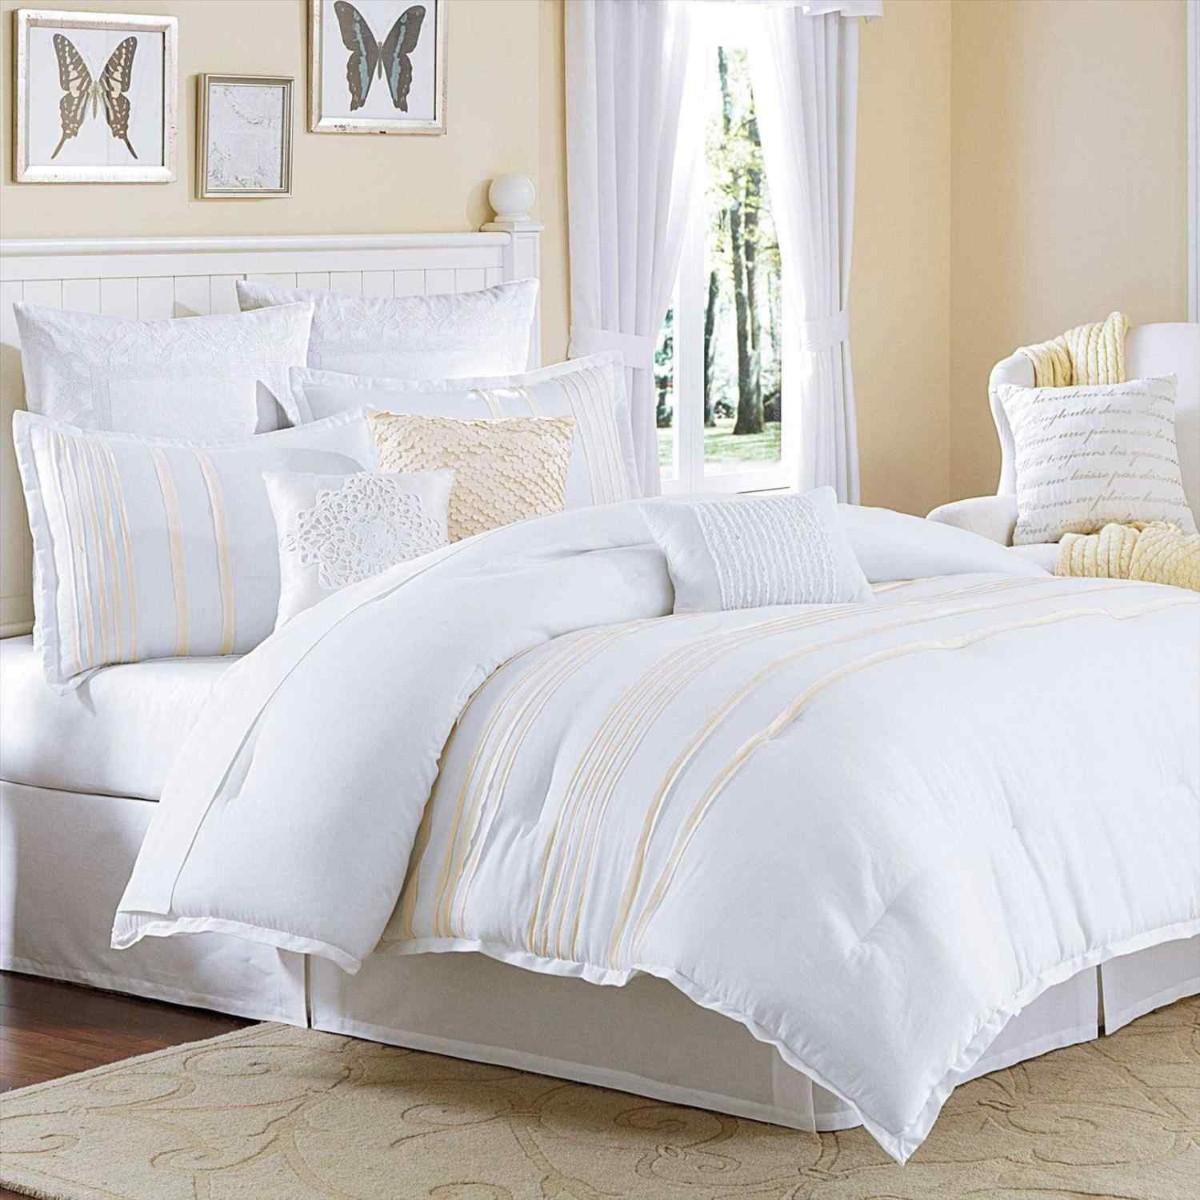 уютная спальня в белом цвете с золотыми акцентами